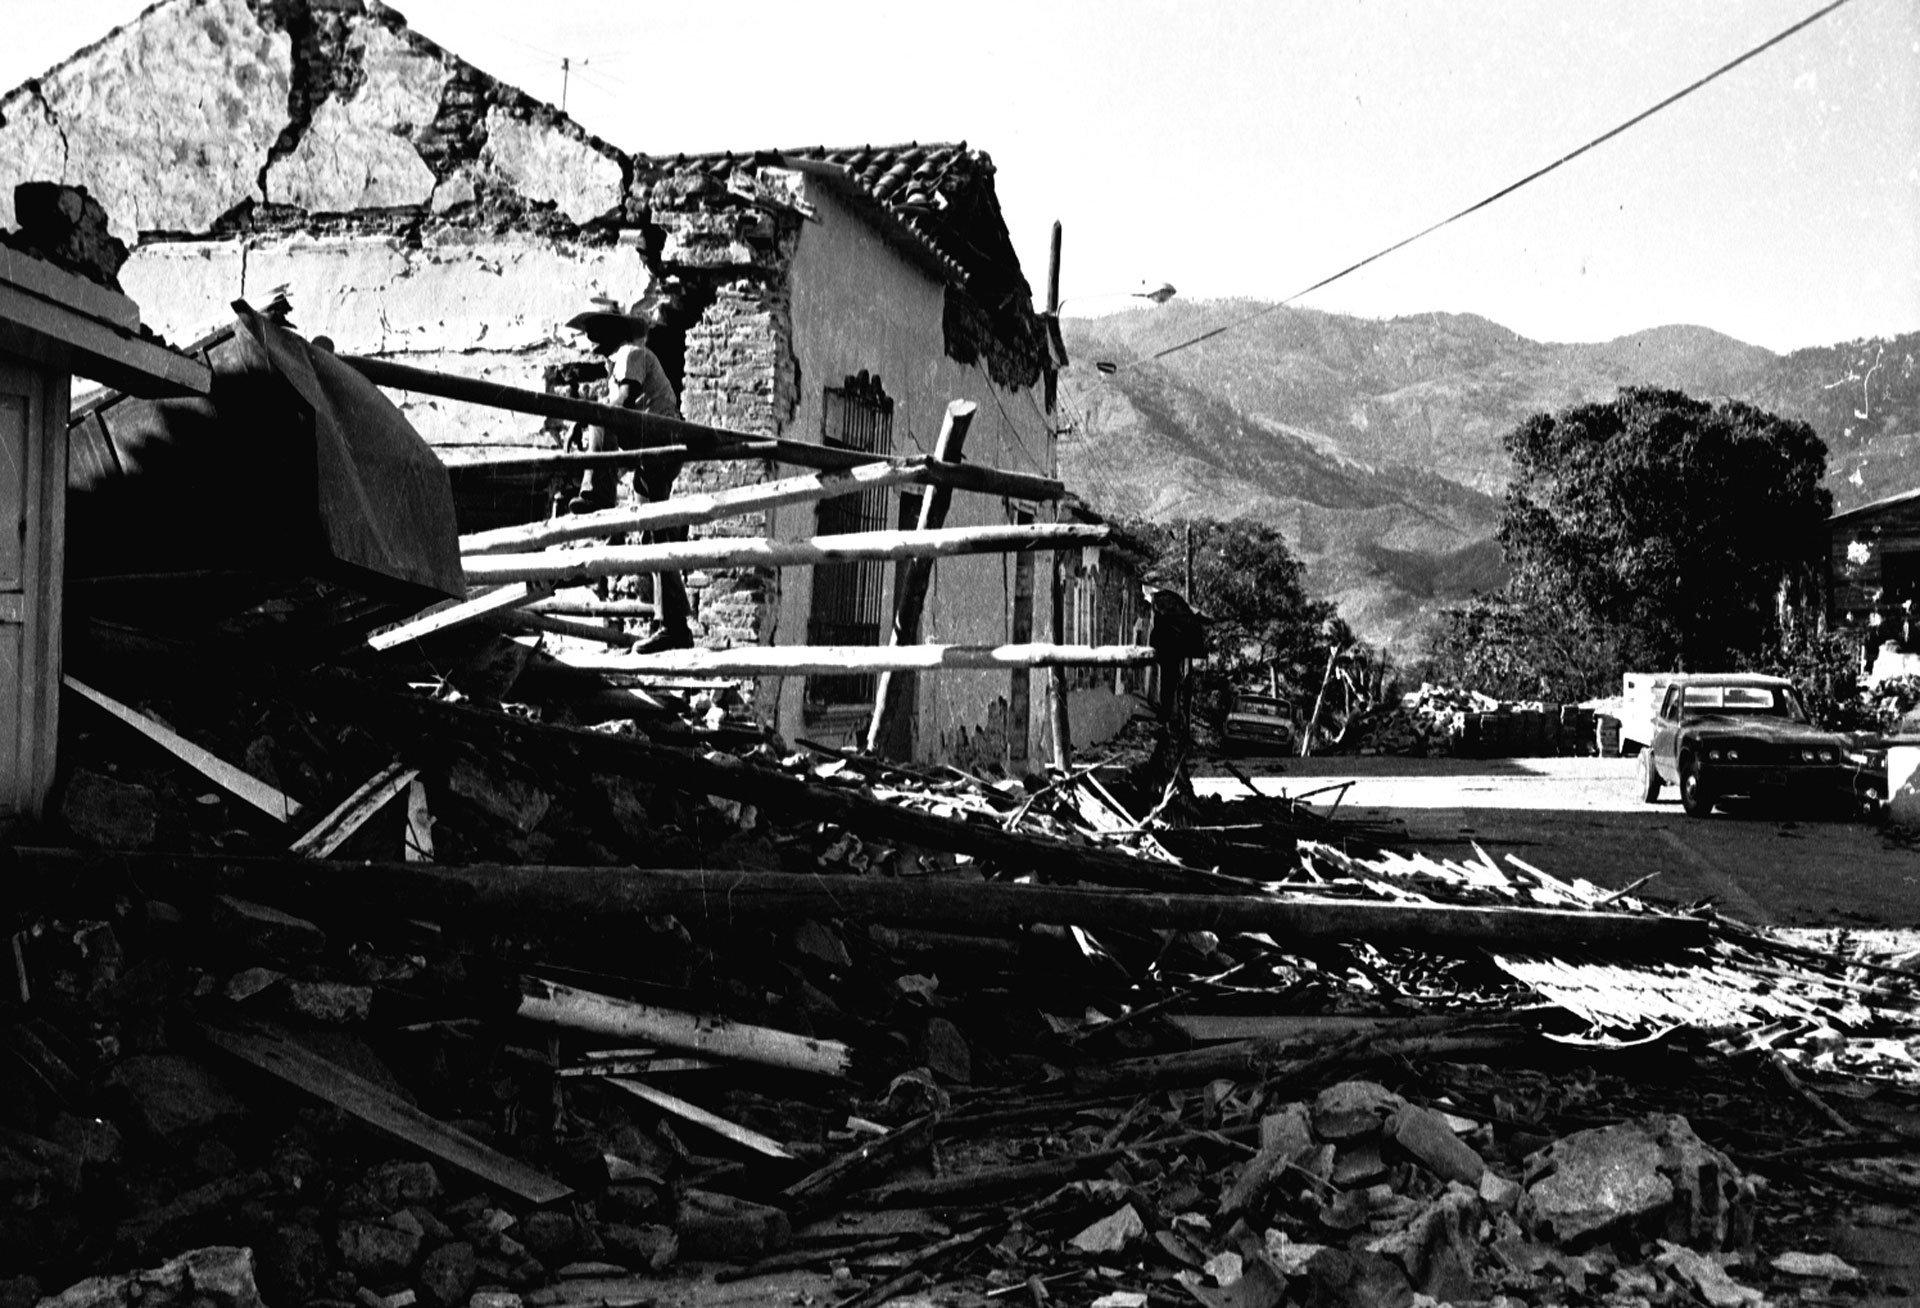 Guatemala. 4 de febrero de 1976.El terremoto (7,5 en la escala de Richter) tuvo su epicentro a 160 kilómetros al noreste de la capital de Guatemala. Las construcciones de adobe de los alrededores de la capital resultaron destruidas. Los remezones posteriores causaron aún más víctimas, lo que dio un total de 23 mil muertos